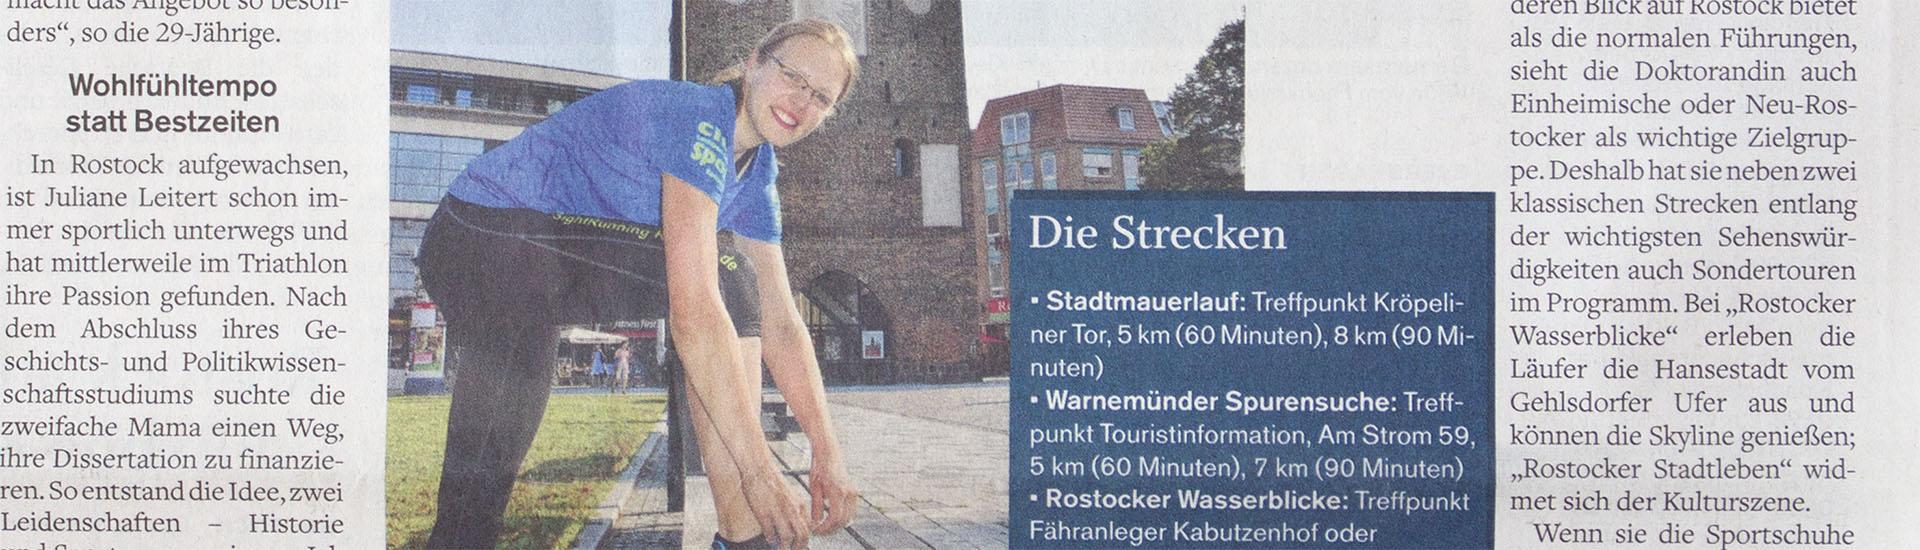 Stadtführung anders - SightRunning Rostock - NNN Artikel